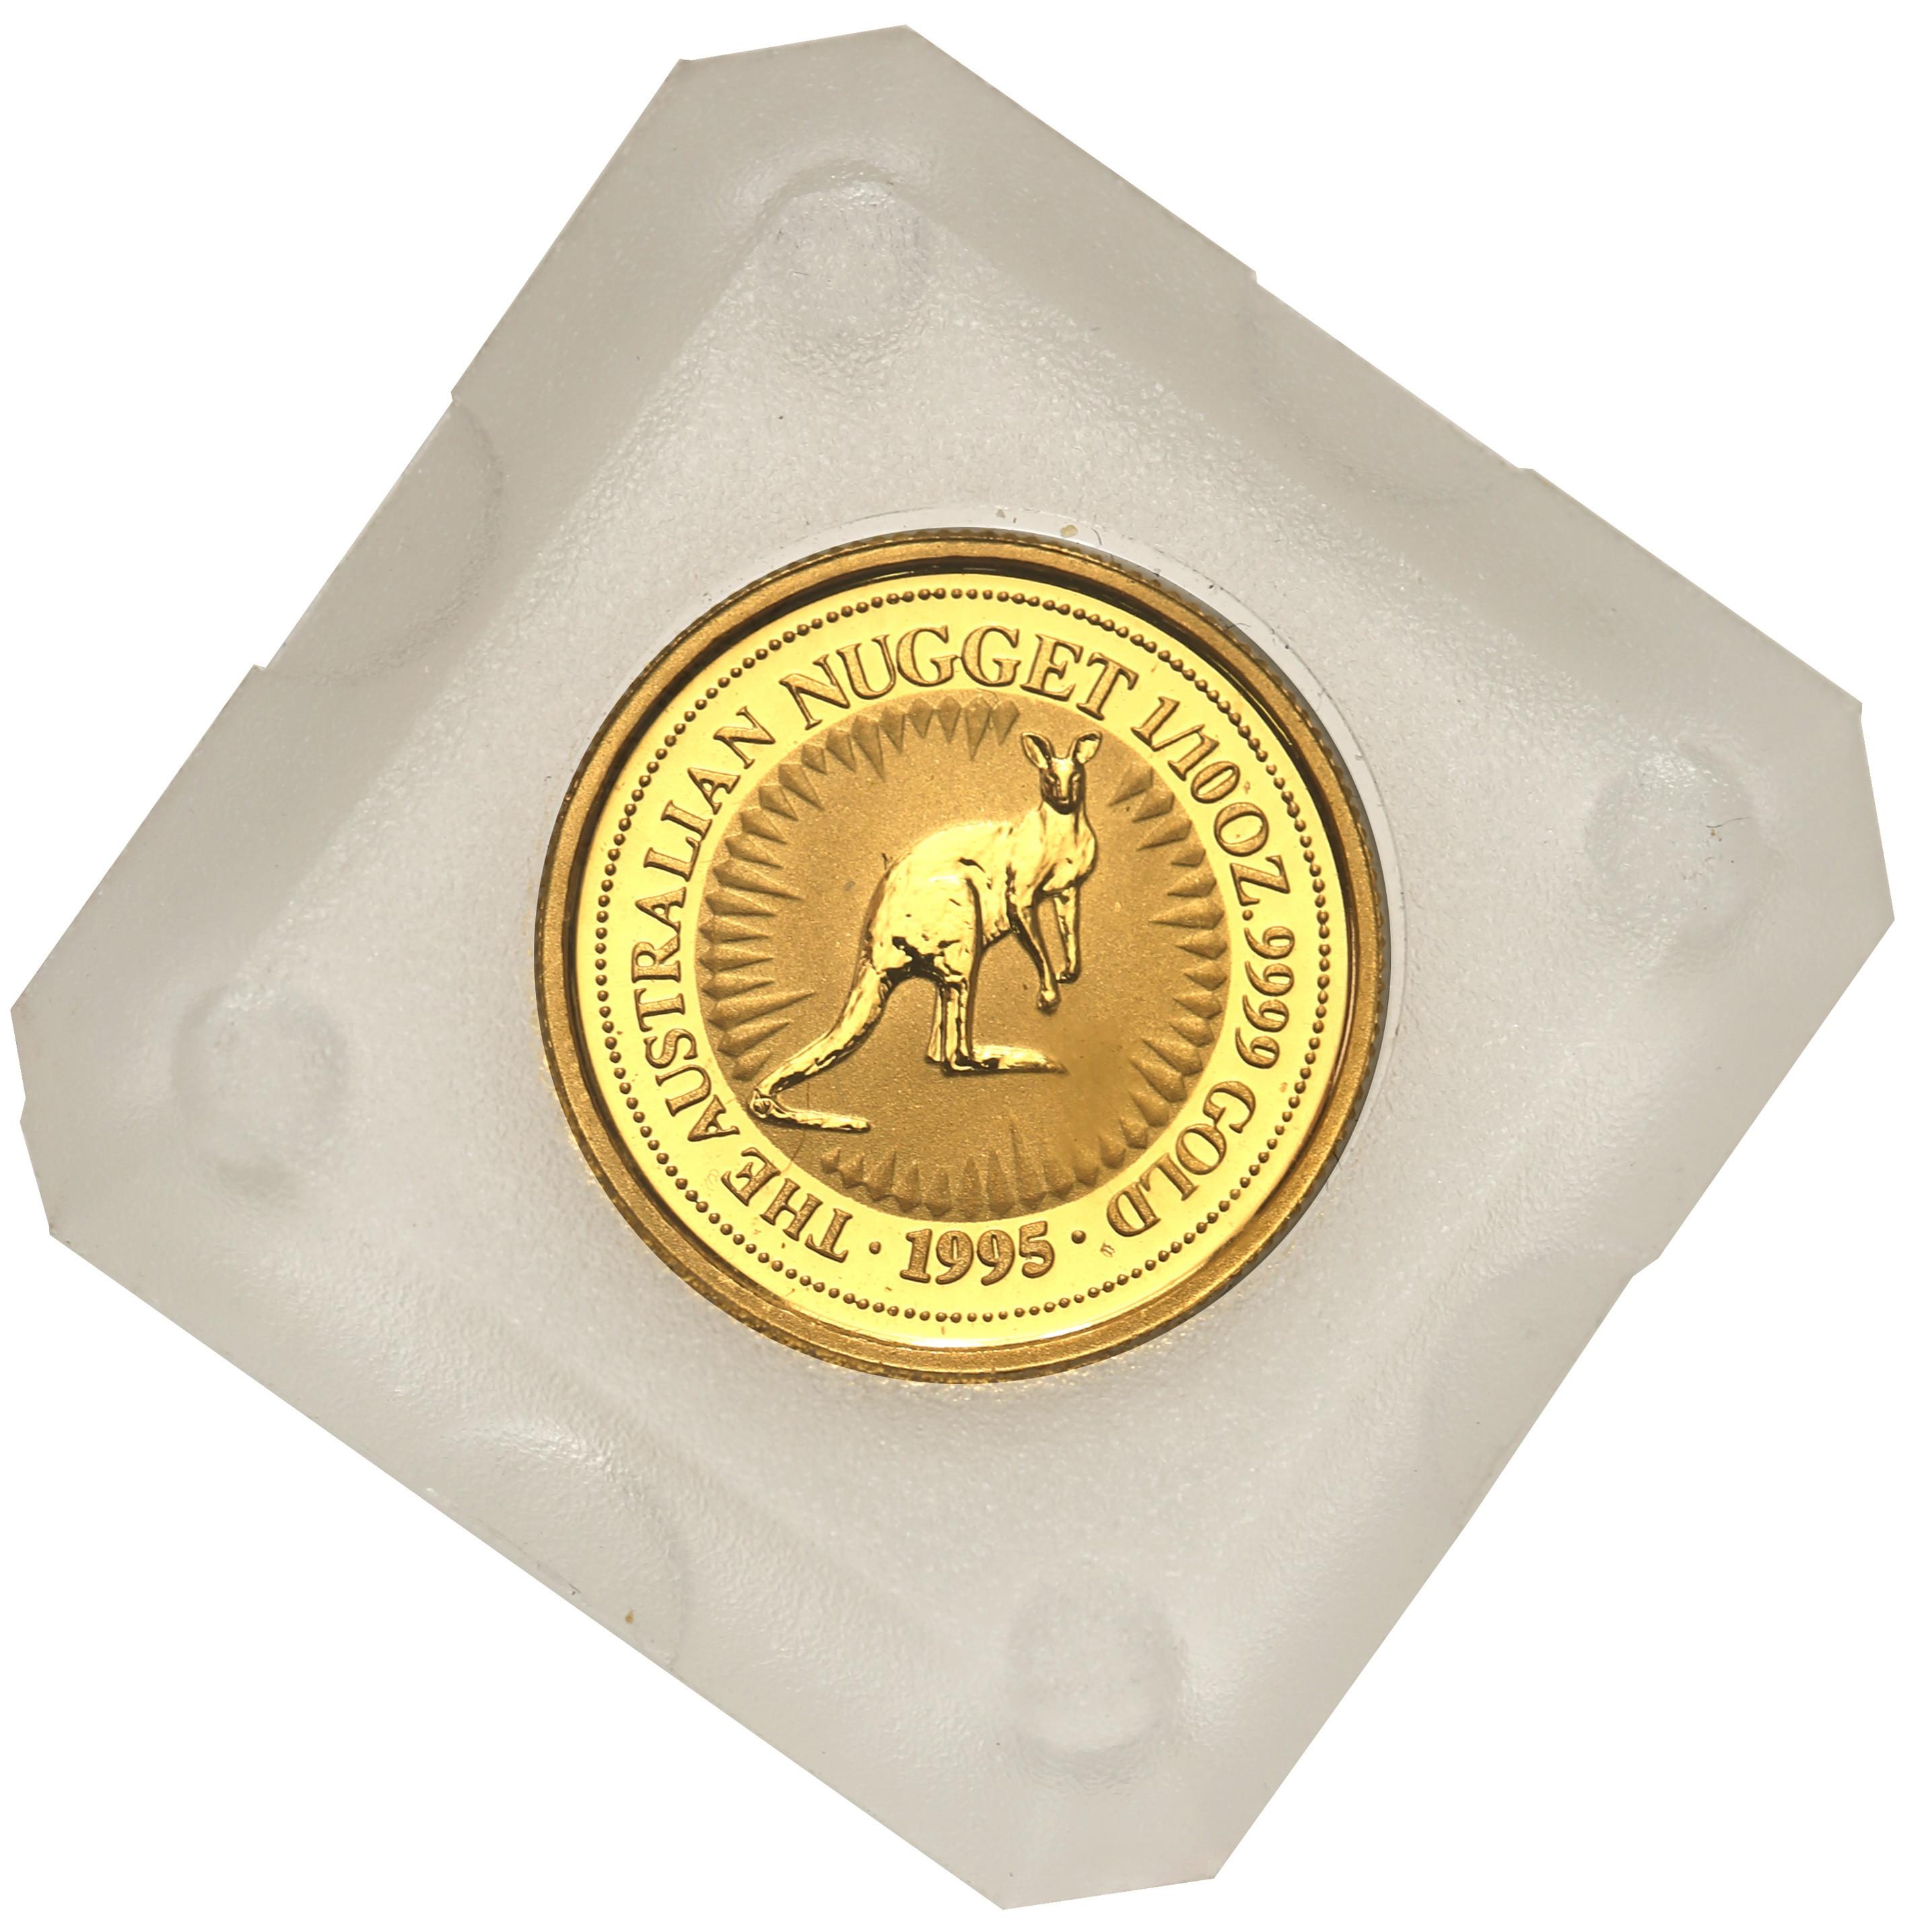 Australia. Elżbieta II 15 Dolarów 1995 kangur st.L – 1/10 uncji złota